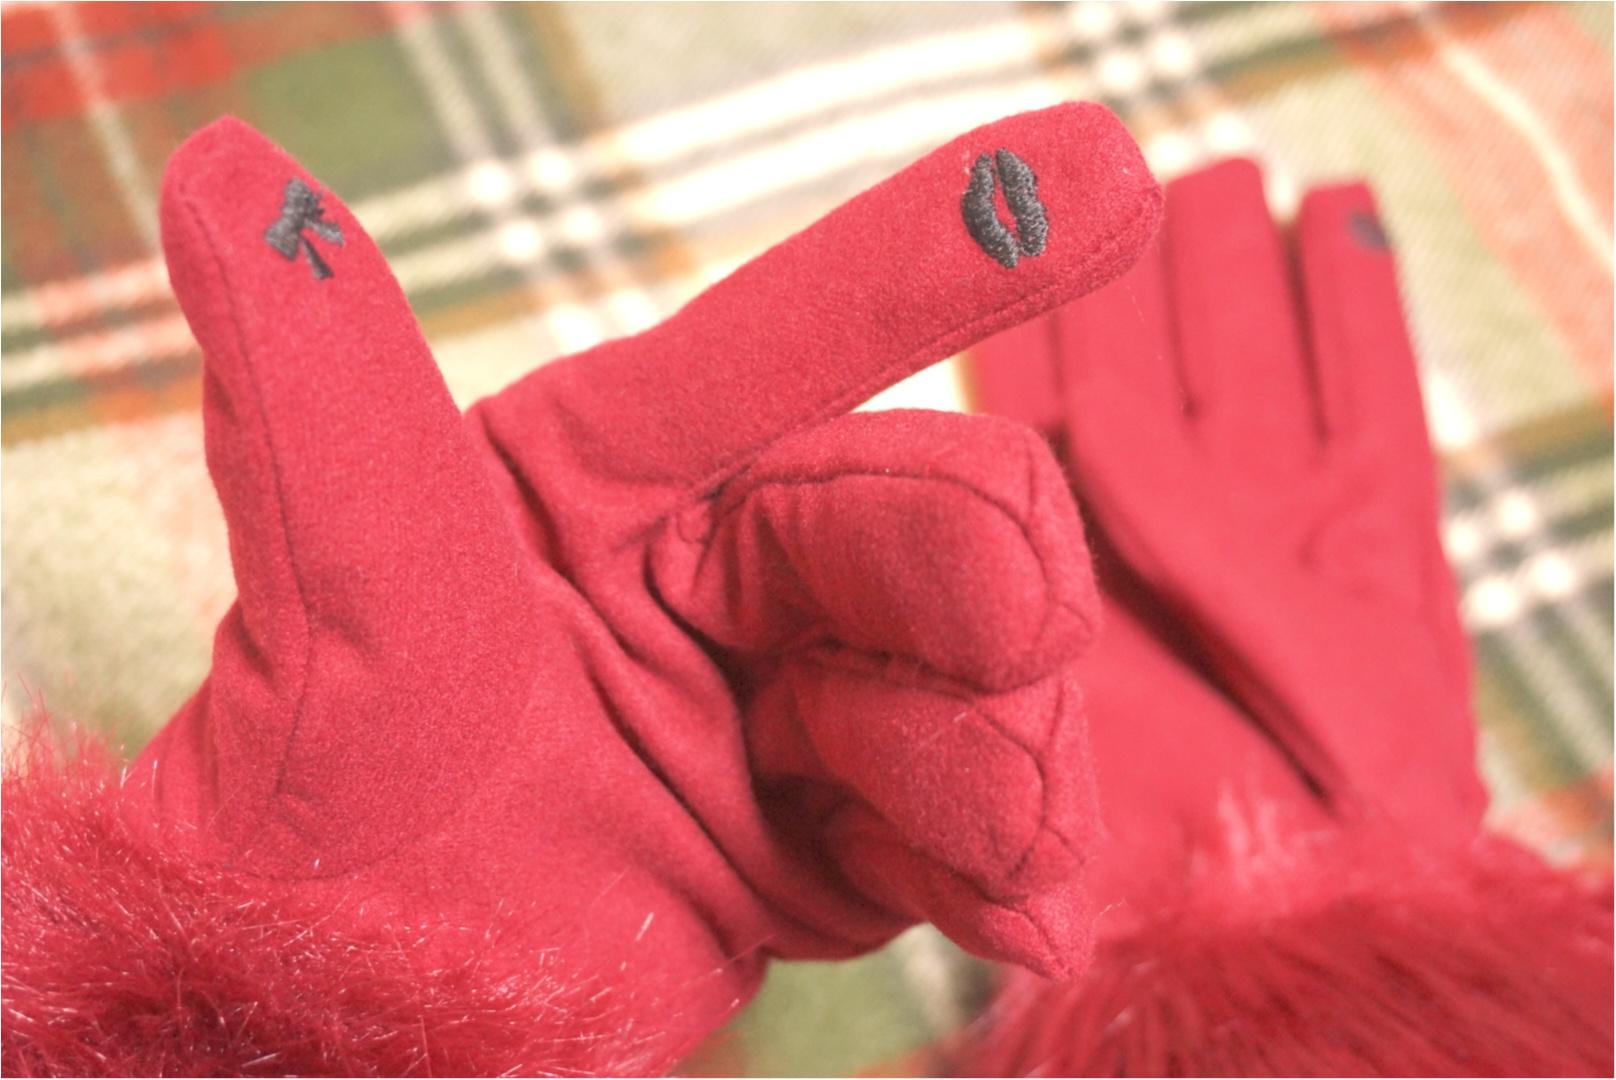 《今日からルミネ10%OFF✨》冬の買い足しアイテムは【Maison de FLEUR】のファーリボングローブ♪ 可愛い!あったかい!だけじゃない( ´艸`)〇〇〇もできちゃう優秀なグローブは大人気‼︎_4